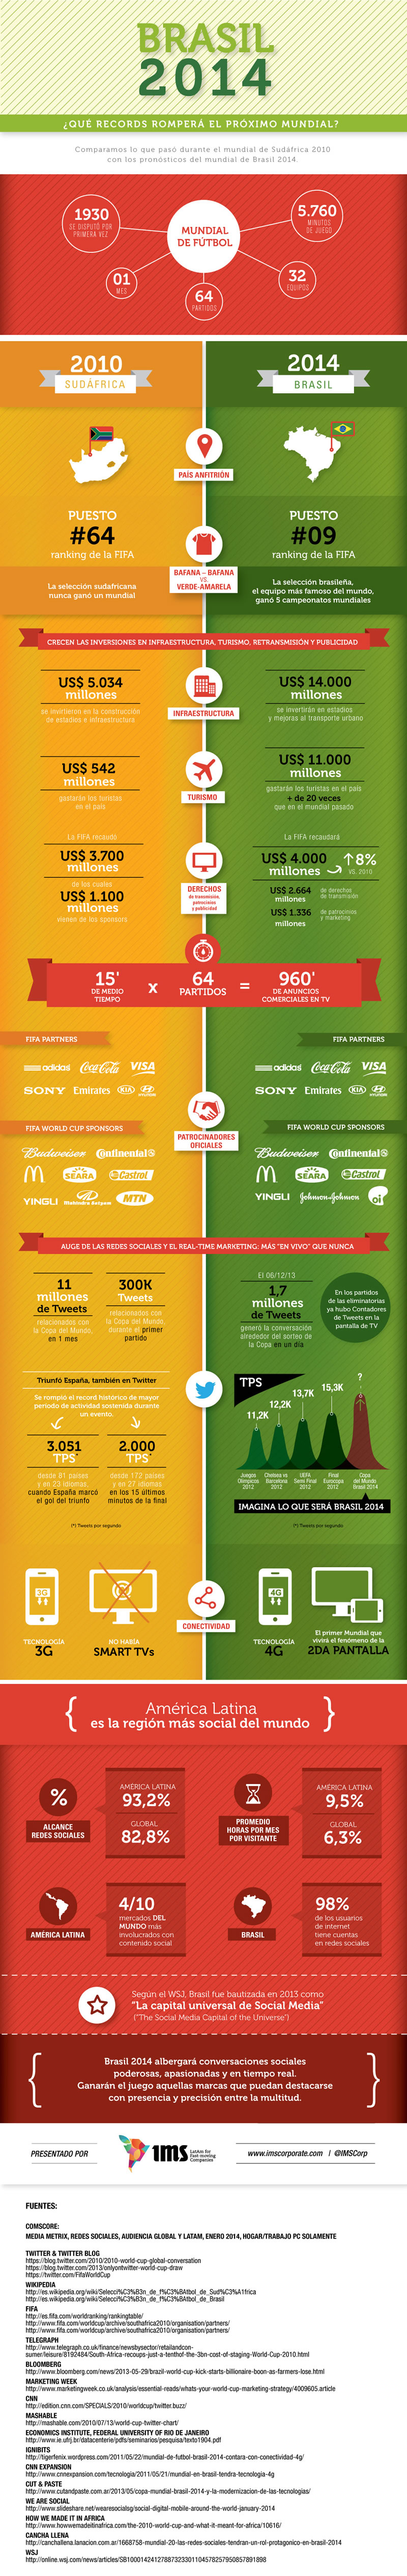 El mundial de Brasil 2014 romperá todos los récords en redes sociales - brasil-2014-infografia-redes-sociales